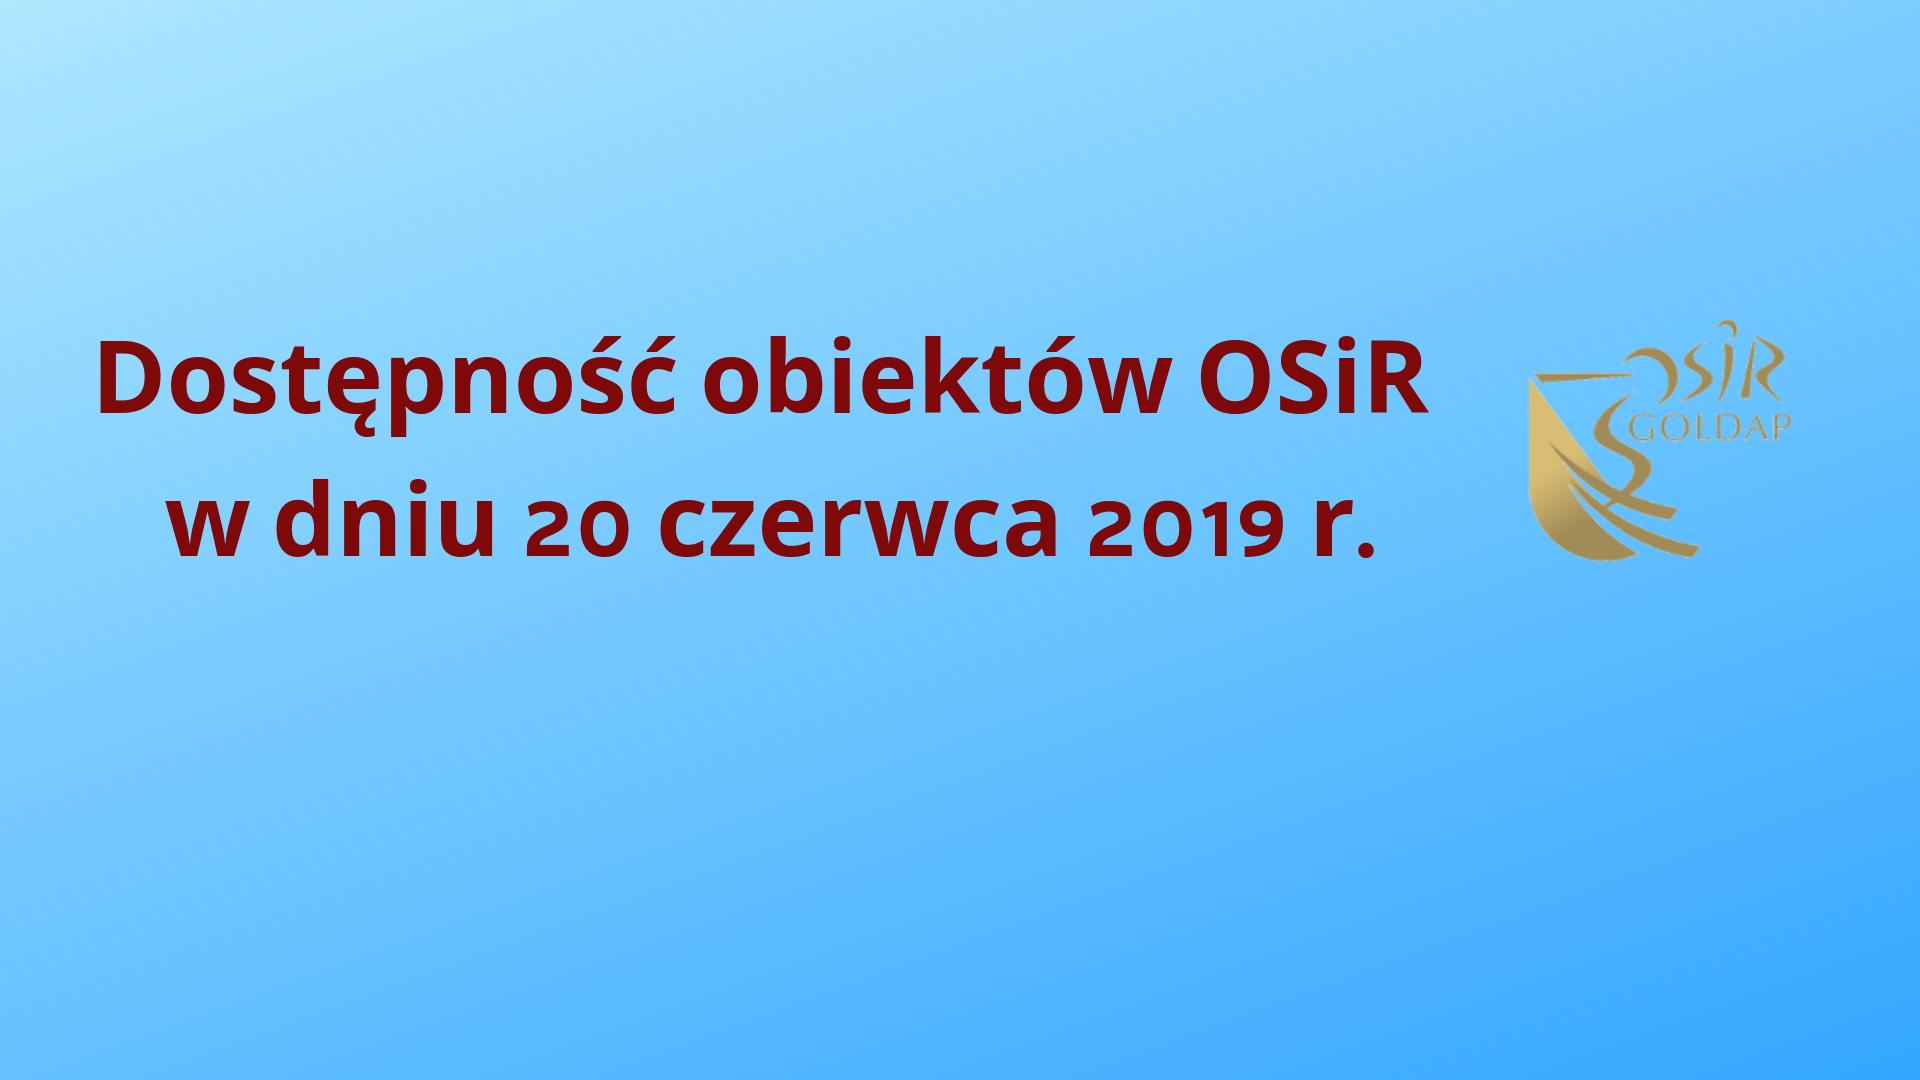 Dostępność-obiektów-OSiR-w-dniu-20-czerwca-2019-r.